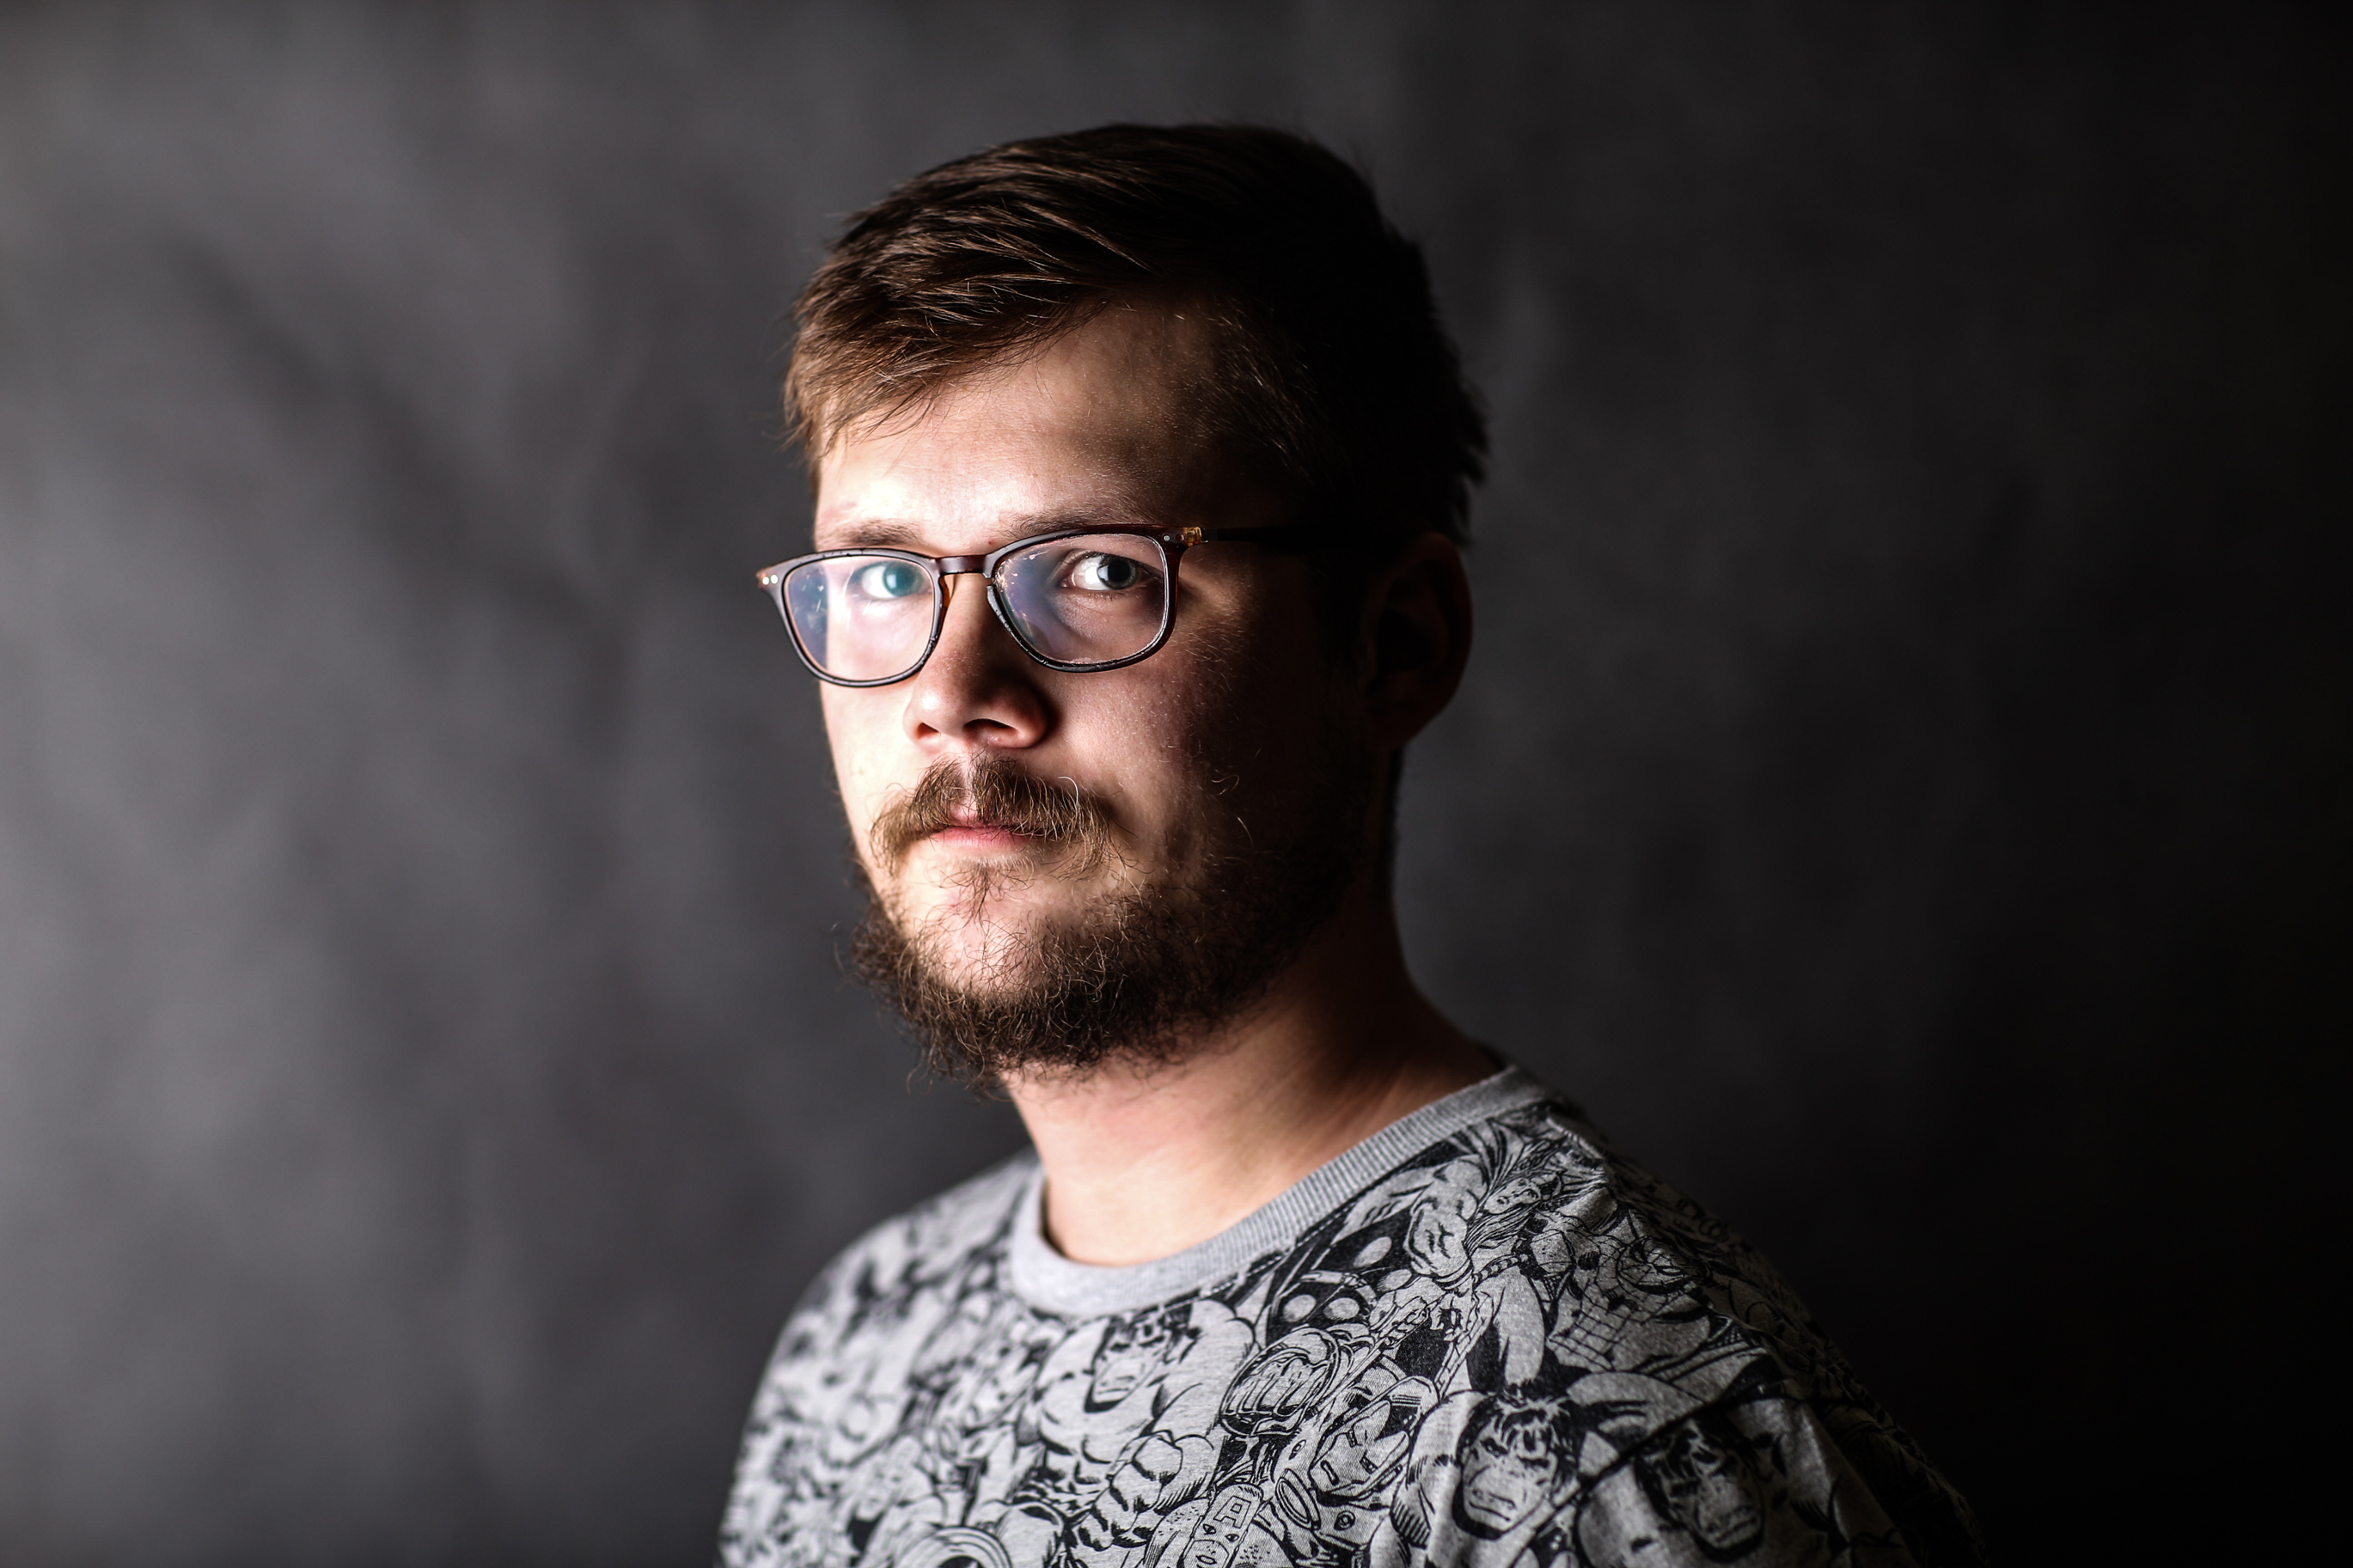 Utrpenie mladého agnostika: Má viera hranice?